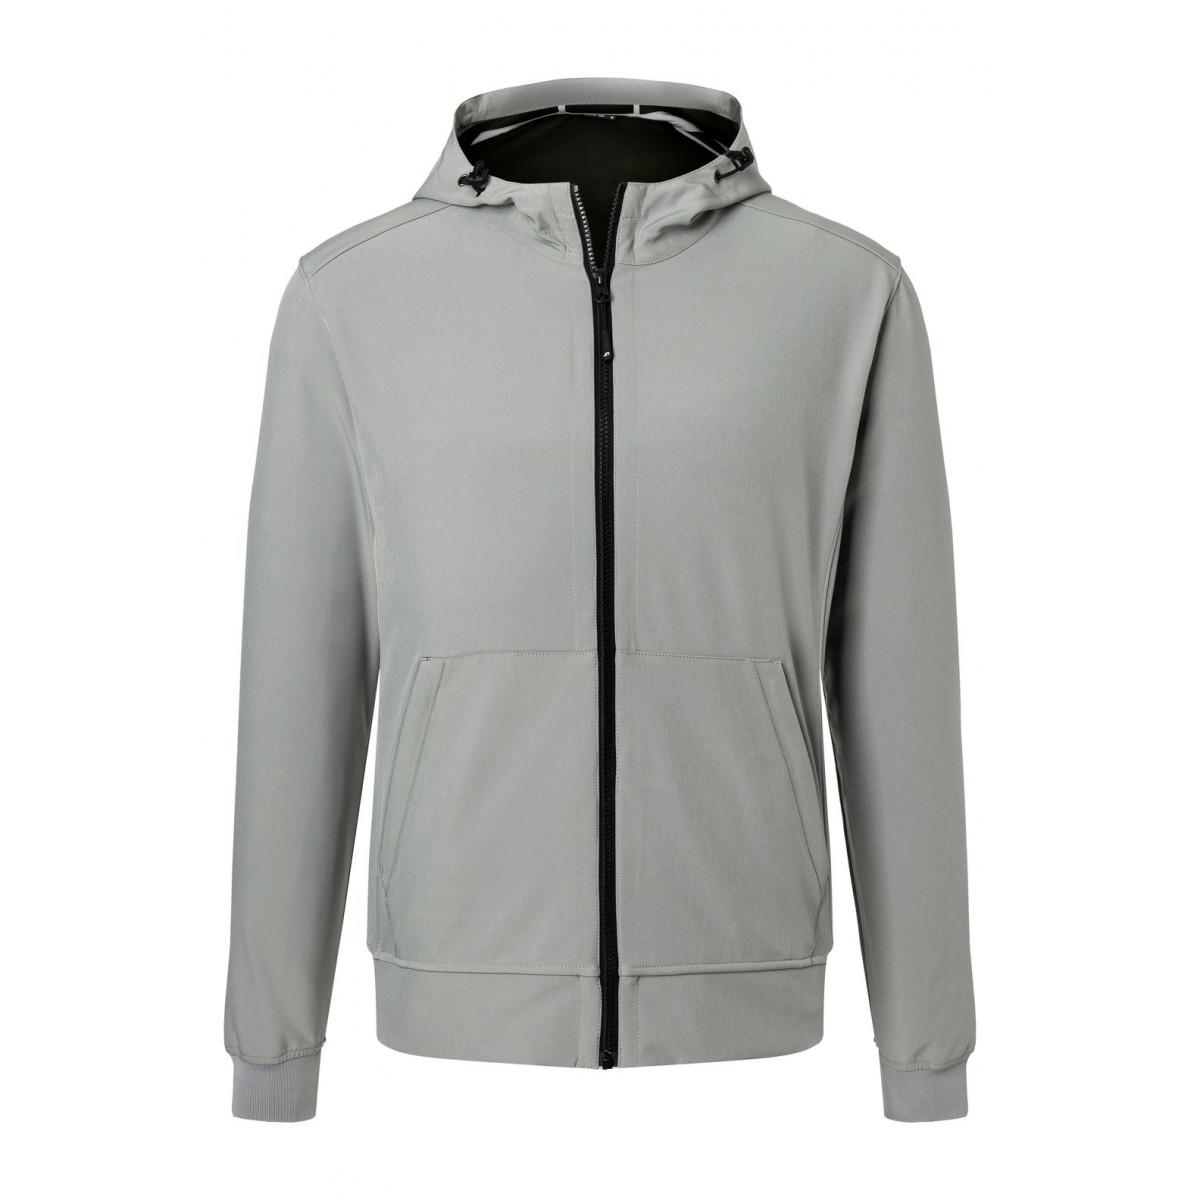 Куртка мужская JN1146 Mens Hooded Softshell Jacket - Светло-серый/Черный